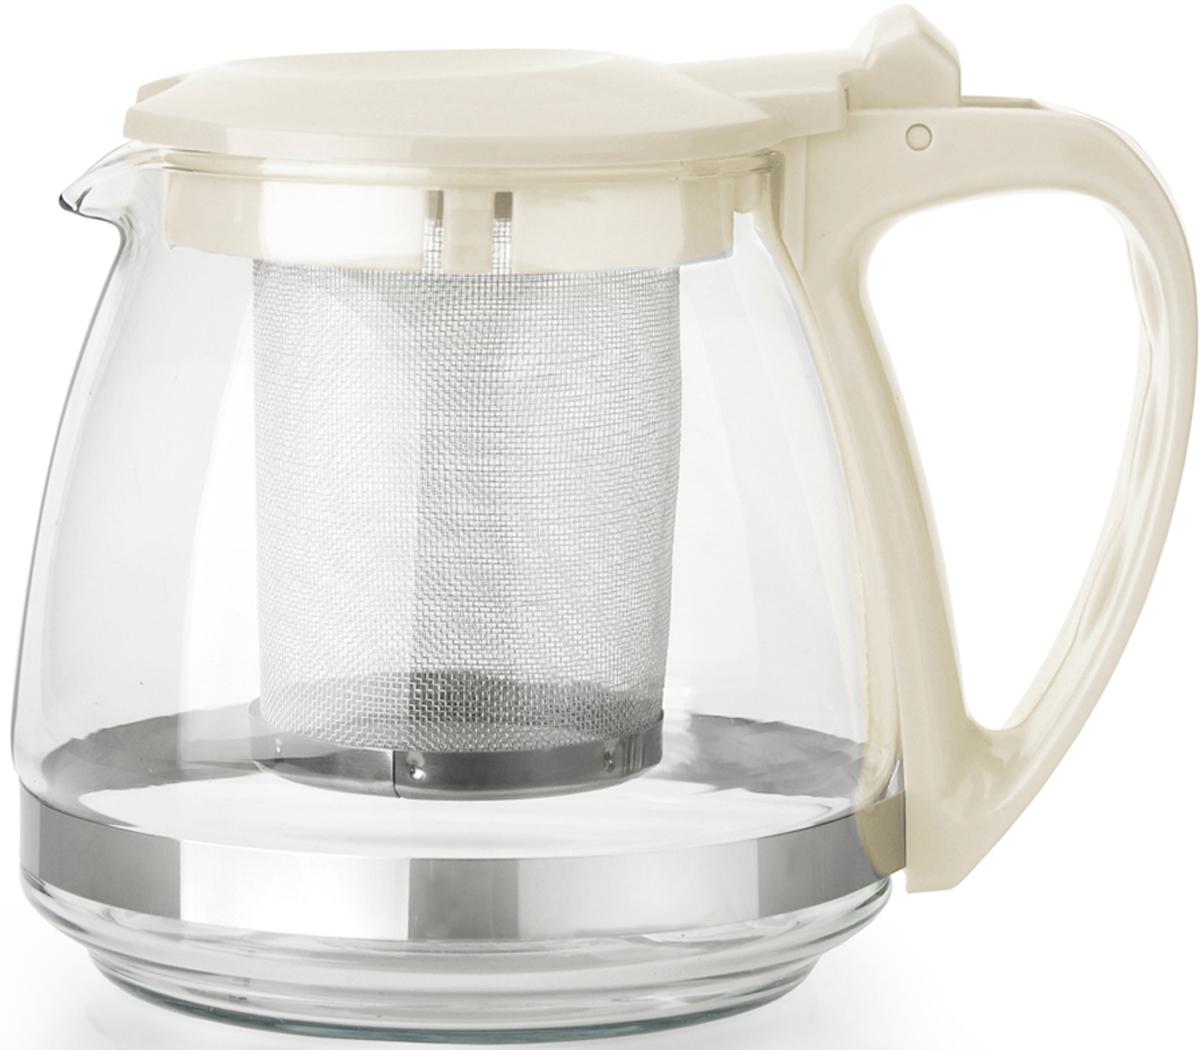 Чайник заварочный Appetite, с фильтром, 0,7 лF8070Стильный заварочный чайник с фильтром. Благодаря фильтру заваривать чай вам будет еще удобнее!